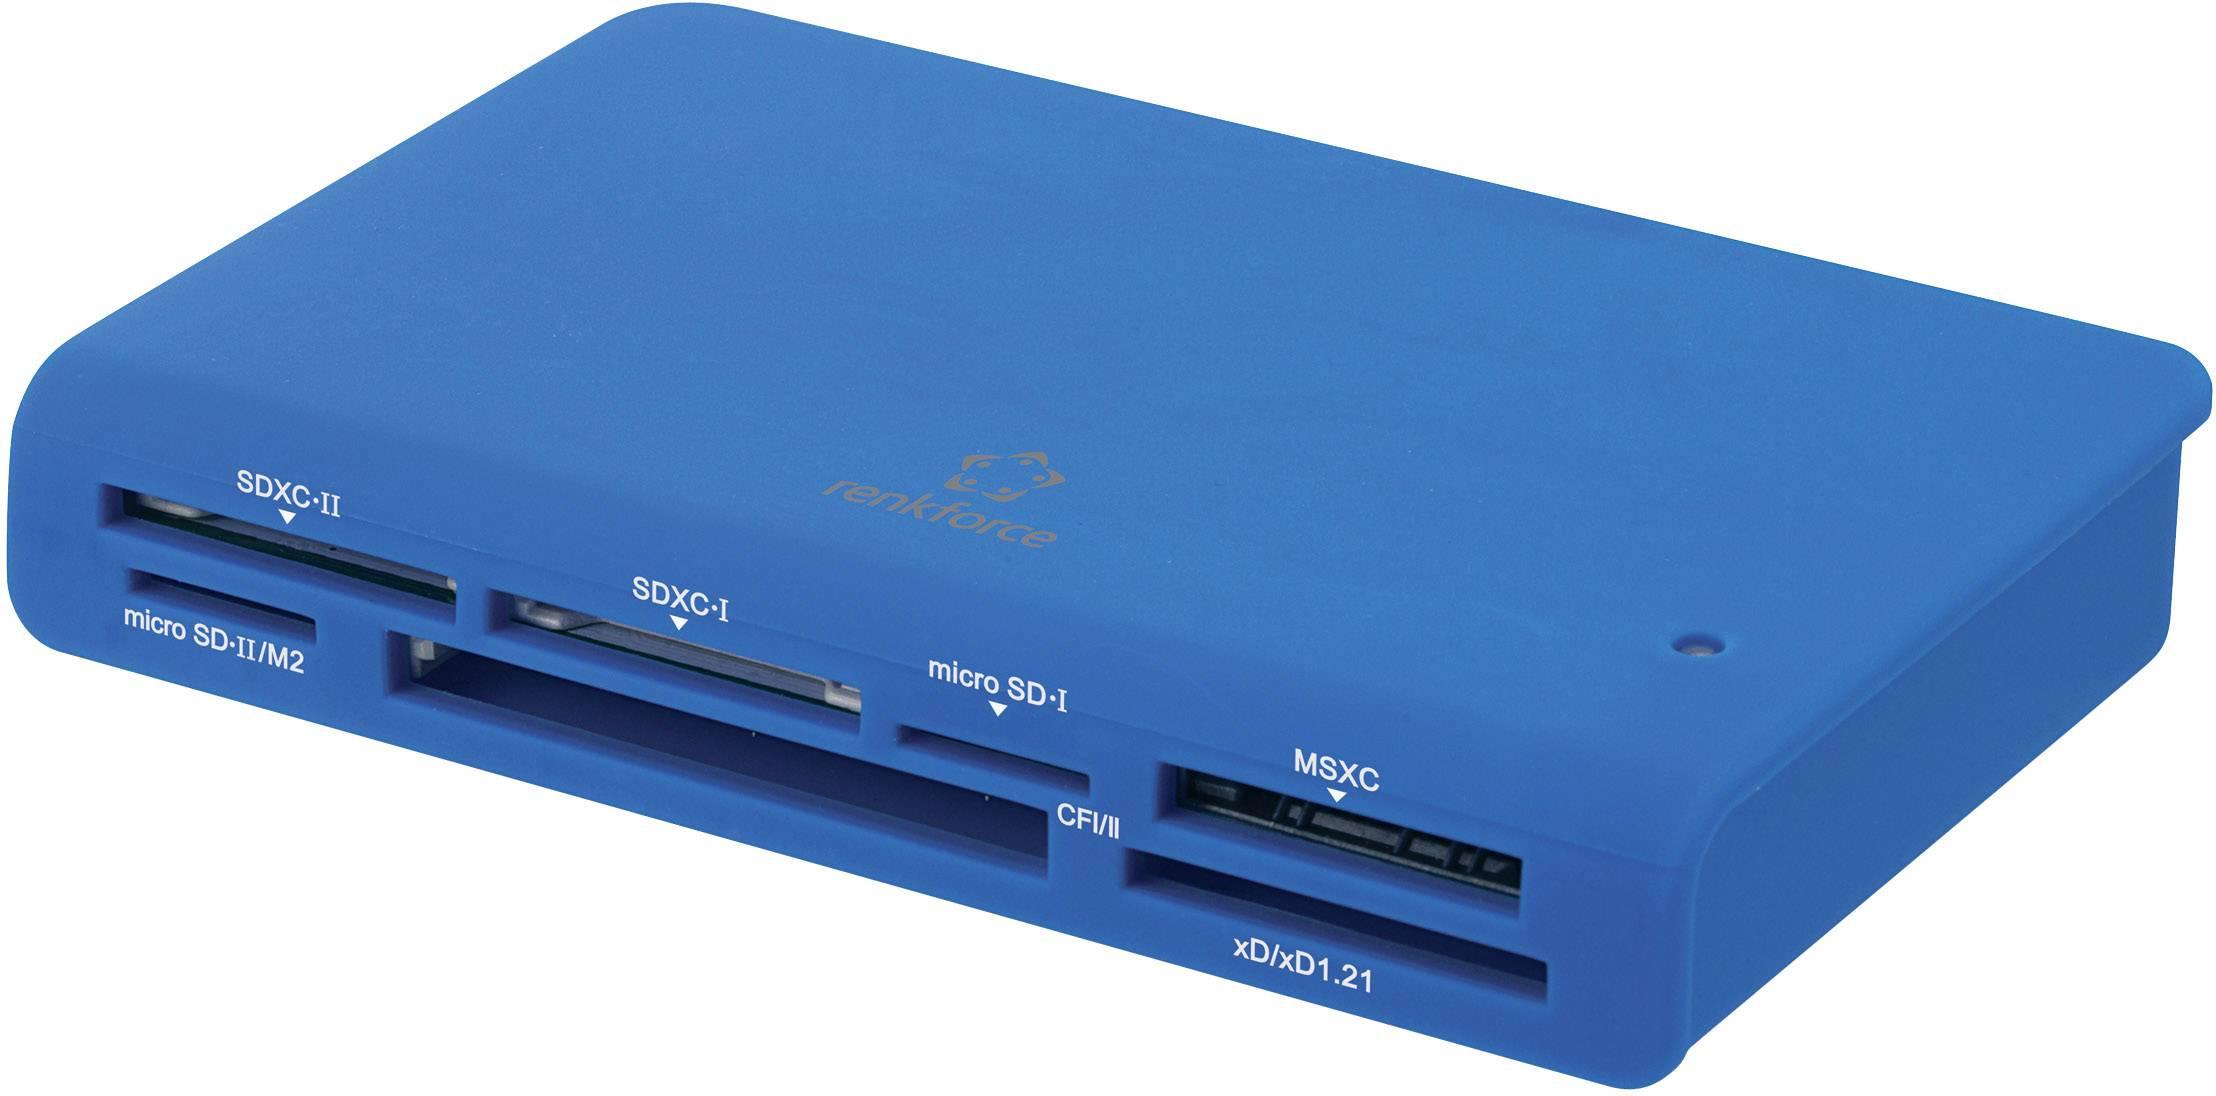 Externí čtečka paměťových karet Renkforce CR24e-G, USB 3.0, modrá